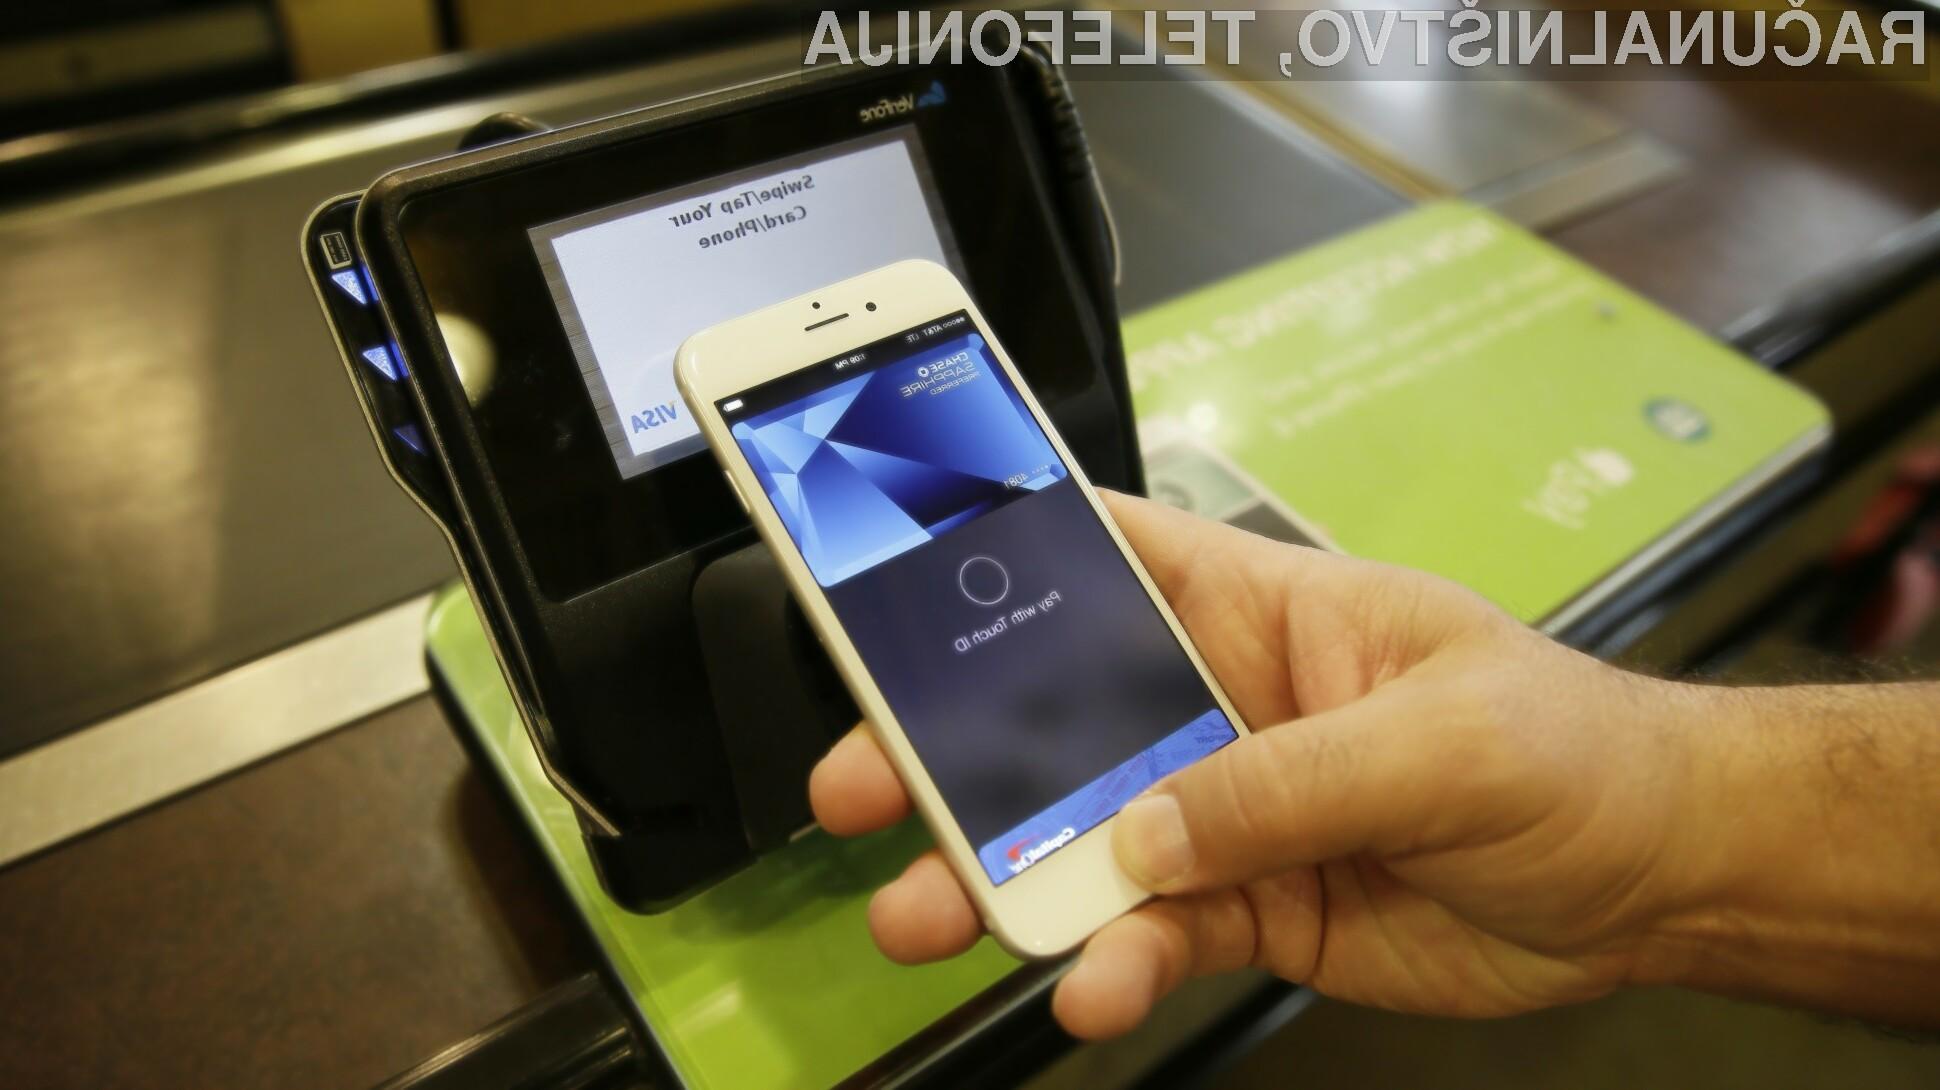 Bo Applovo mobilno plačevanje Apple Pay prepričalo tudi evropske uporabnike pametnih mobilnih telefonov iPhone 6 in iPhone 6 Plus.